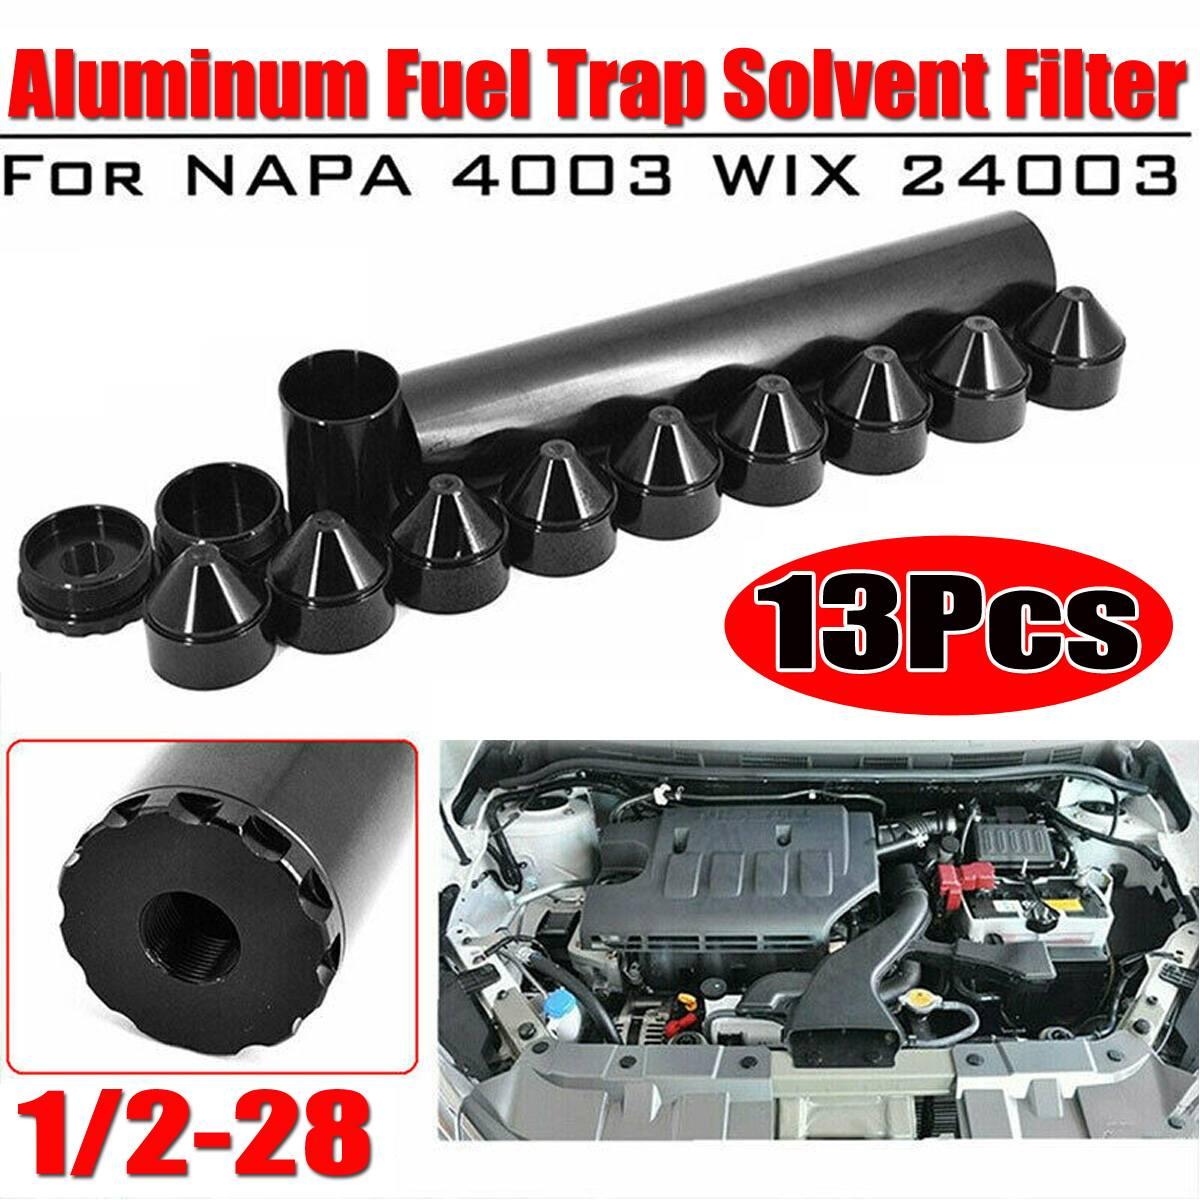 Автомобильный топливный фильтр для Napa 4003/ WIX 24003 1/2-28/5/8 дюйма-24 резьбы, черный, алюминий, 1-3/4x10